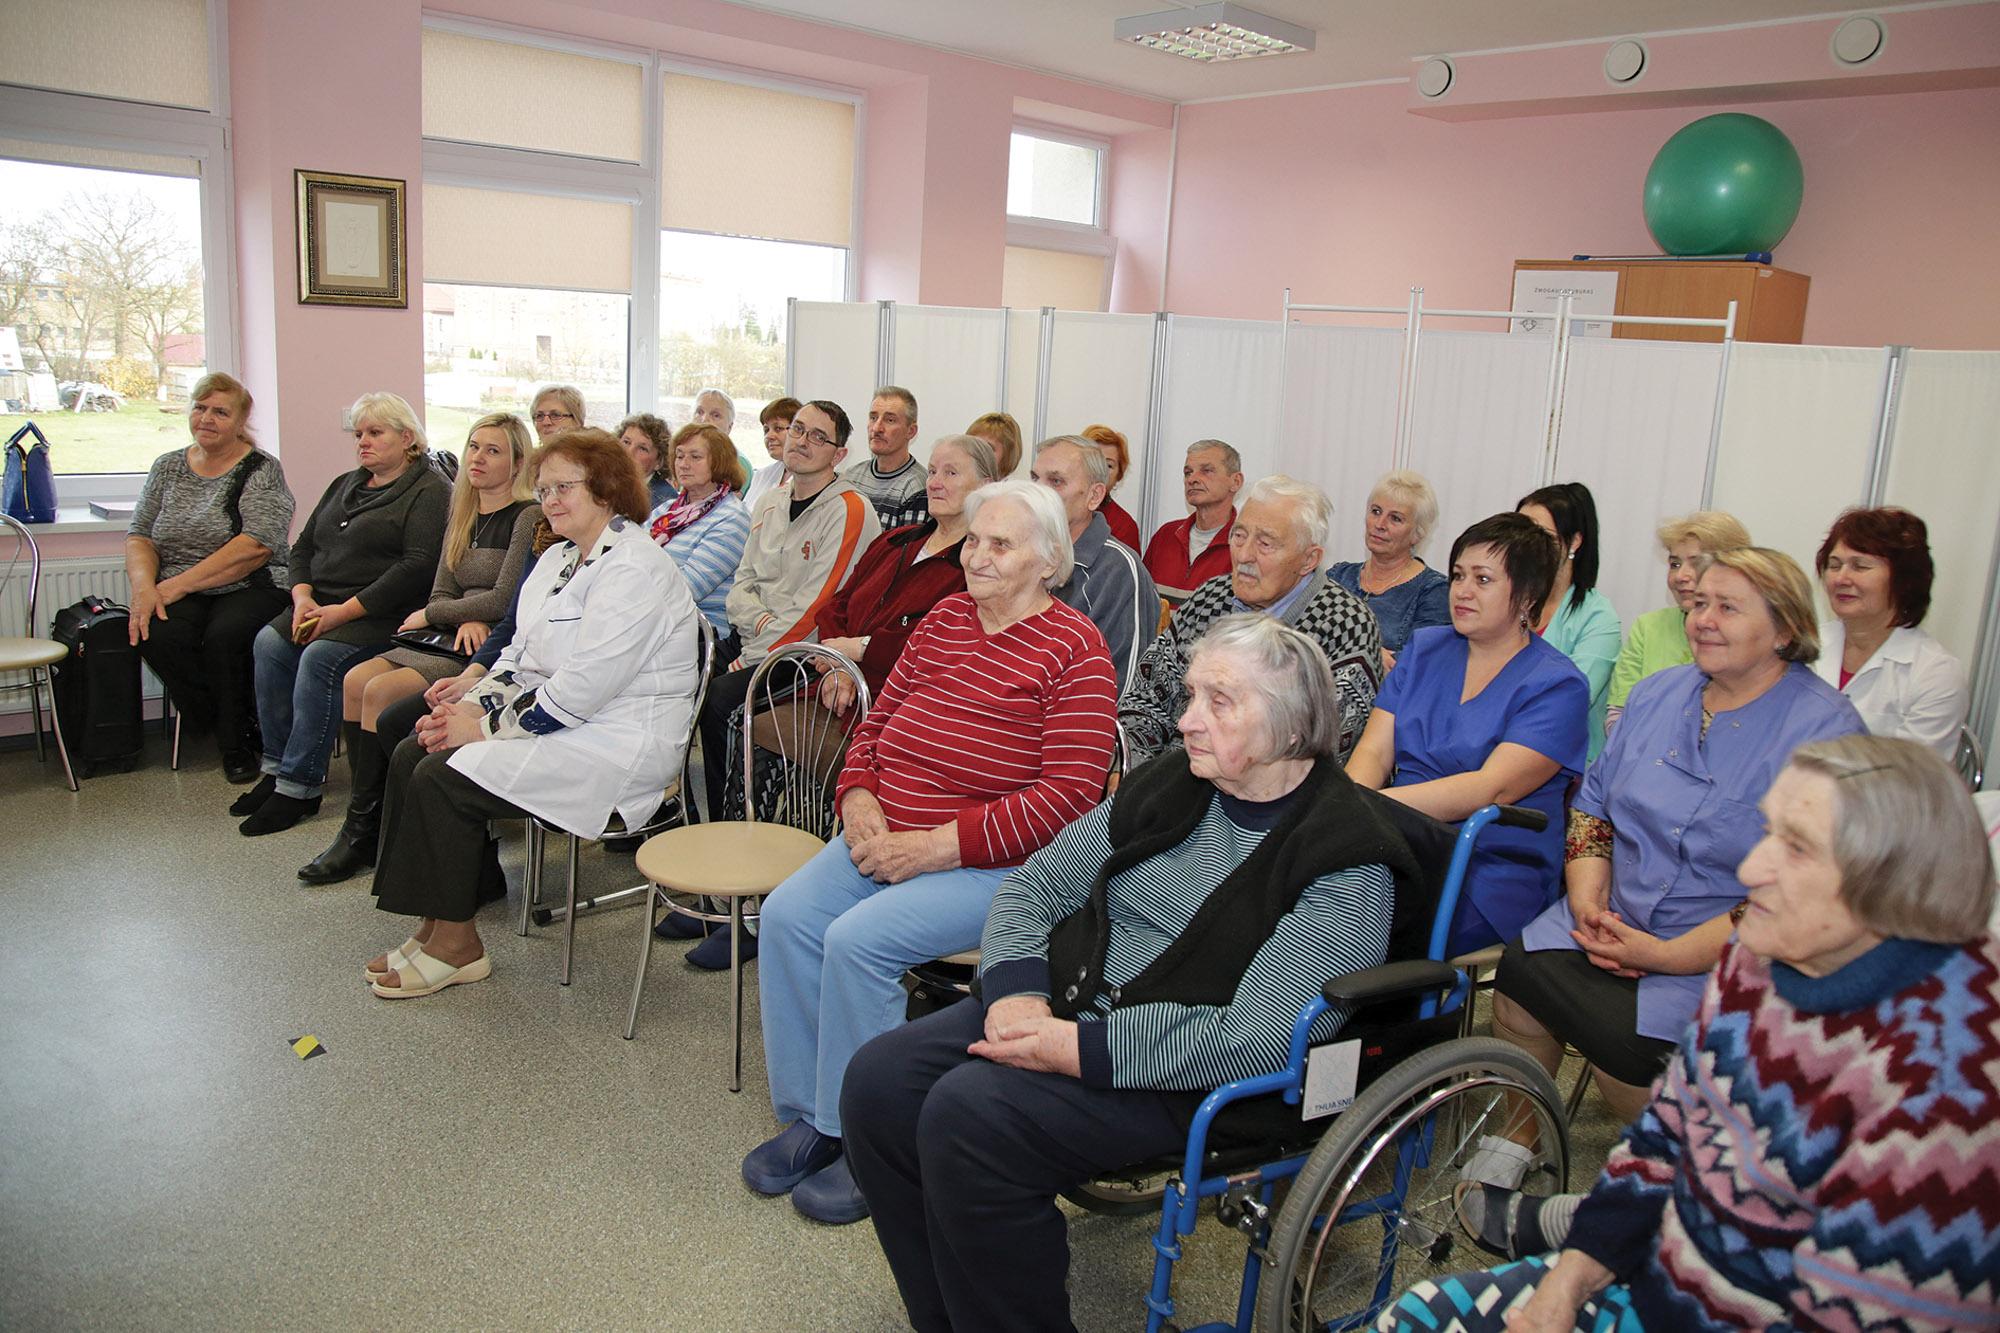 Dotnuvos slaugos namų senoliai ir darbuotojai susidomėję klausėsi viešnios iš Anglijos pasakojimų. Giedrės Minelgaitės-Dautorės nuotr.